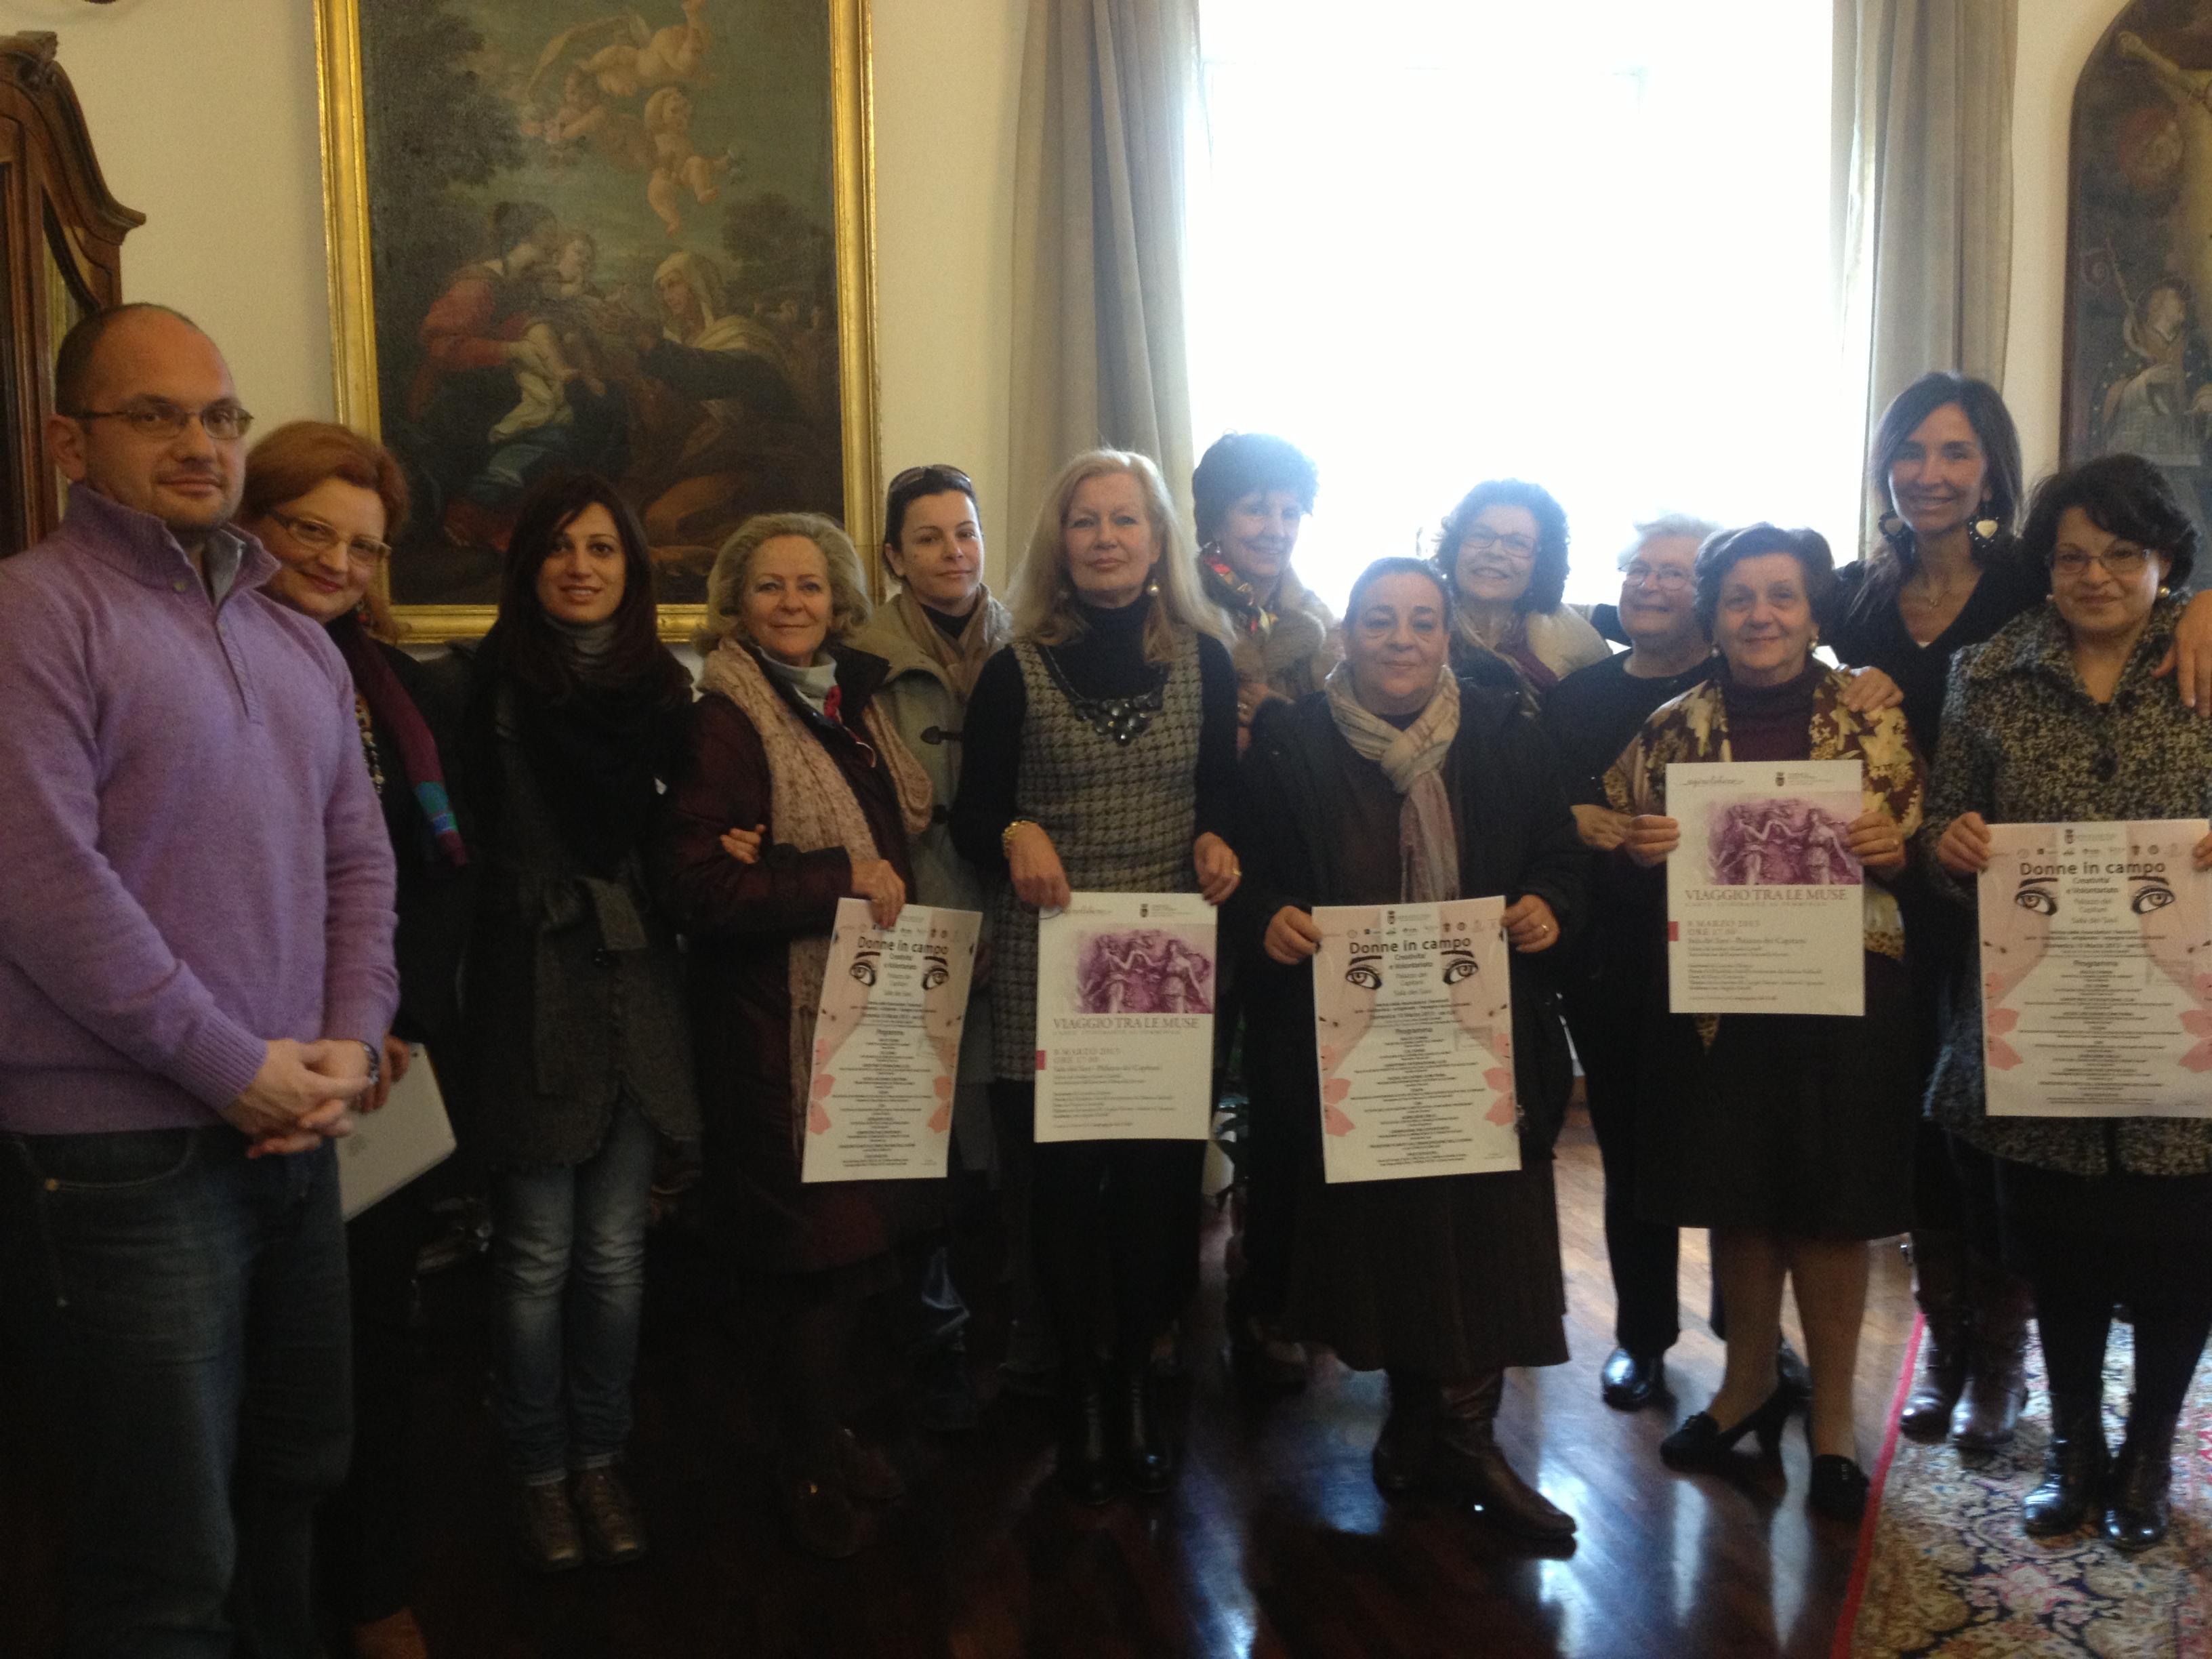 Festa della donna, il sindaco Castelli e l'assessore Ferretti con i rappresentanti delle associazioni